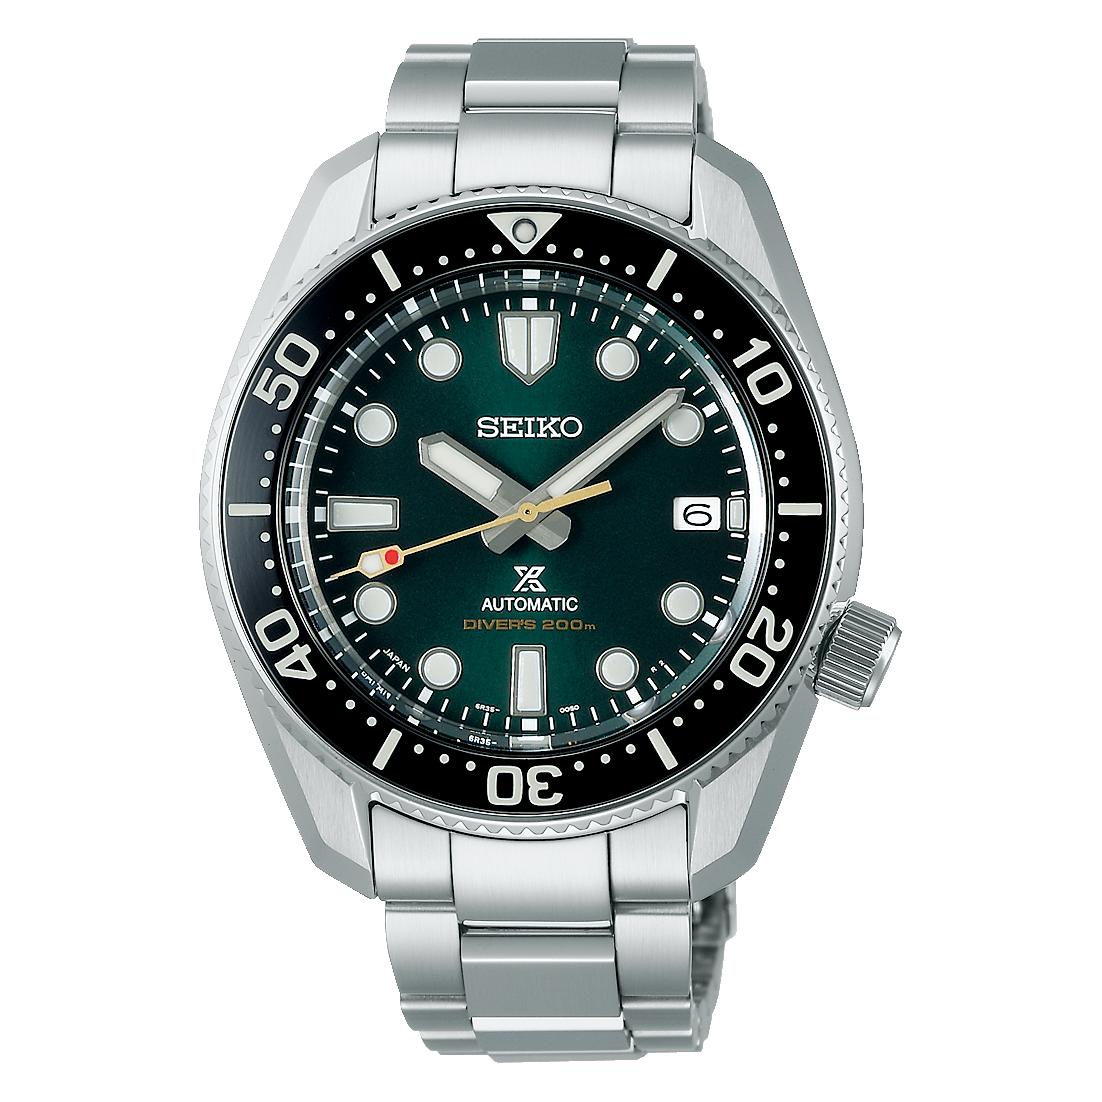 Orologio Seiko Prospex SPB207 J1